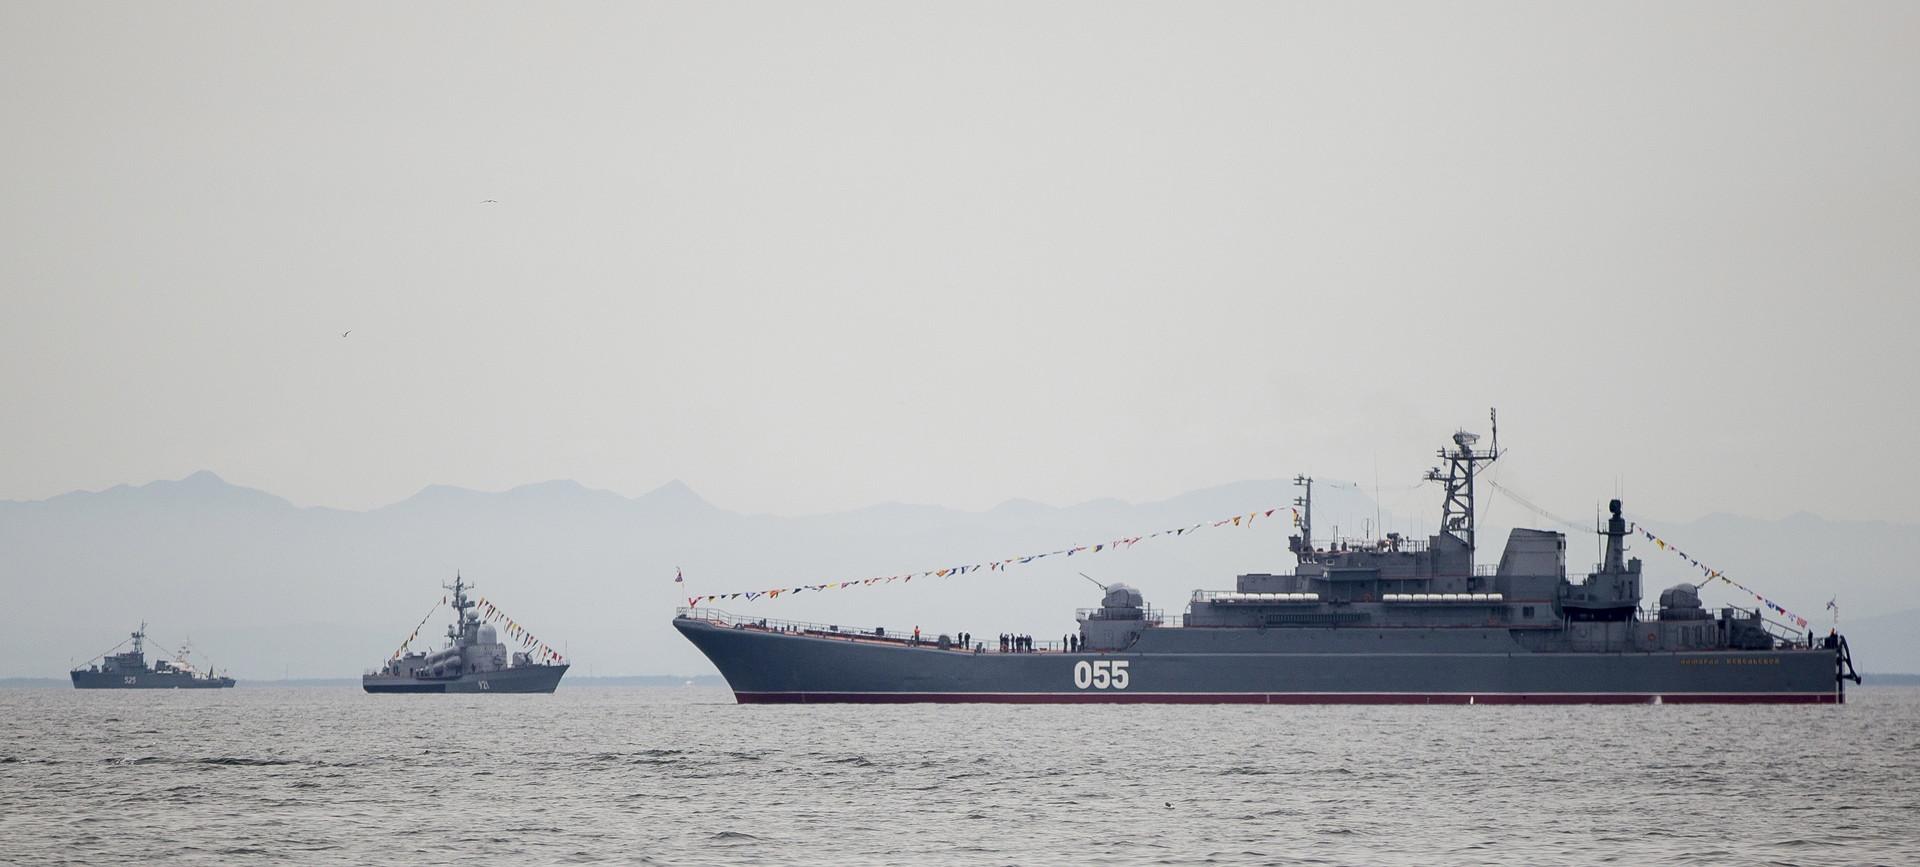 أسطول البحر الأسود الروسي يتجه نحو الخليج